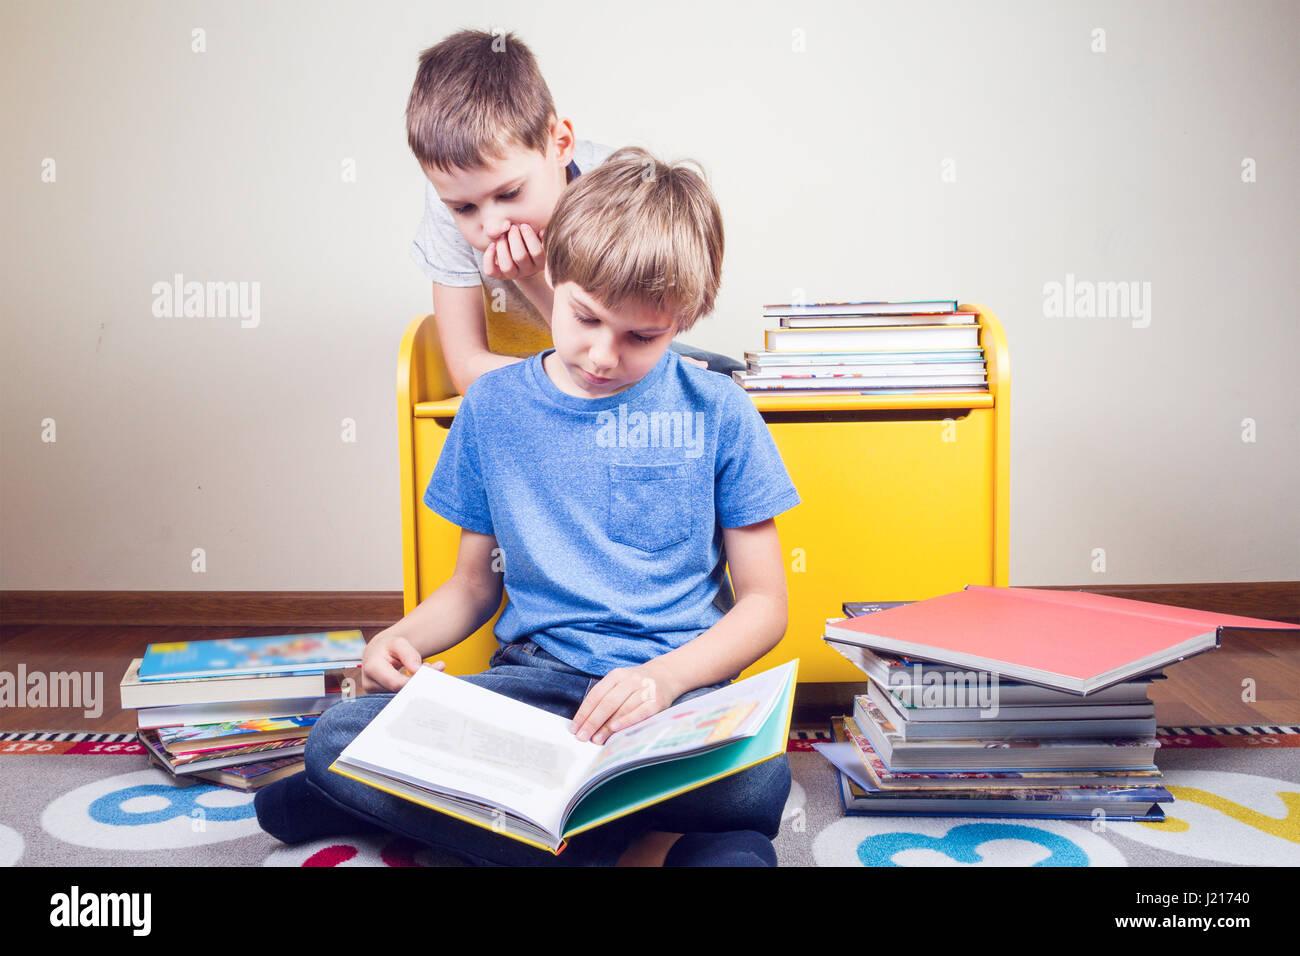 La lecture d'un livre pour enfants. Garçon lit une histoire à son frère à la  maison